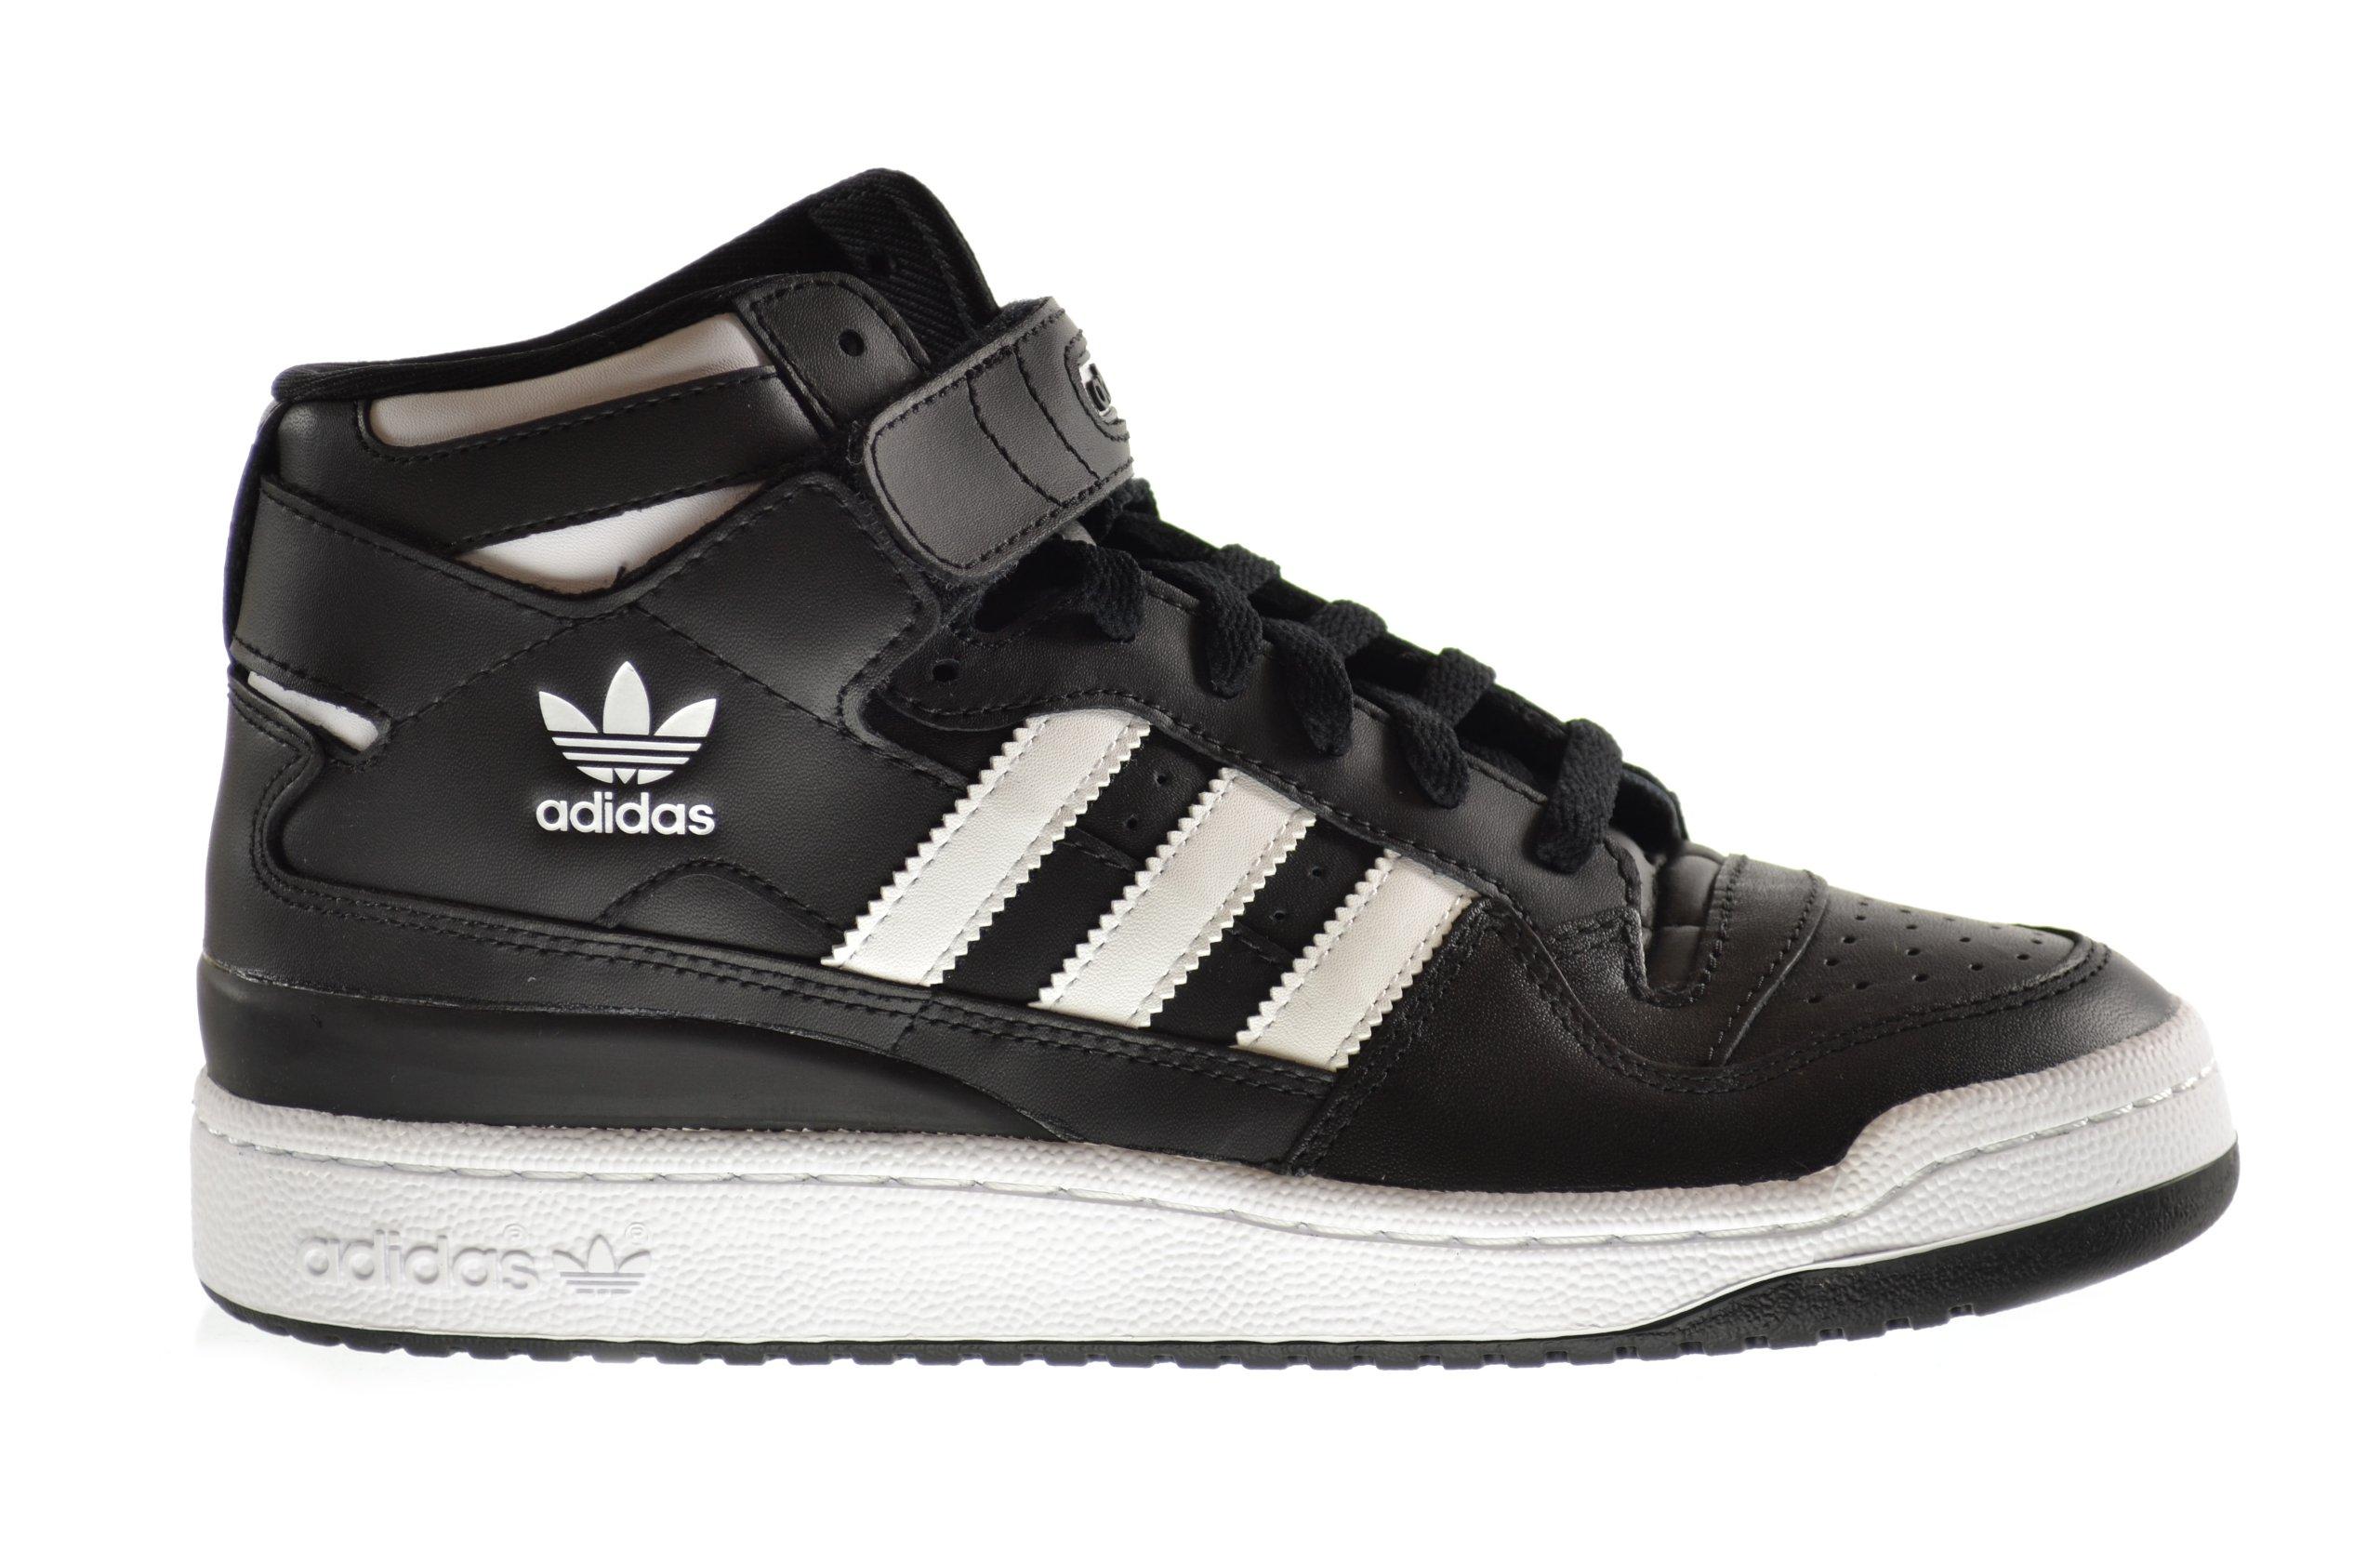 the latest 86594 e3712 Galleon - Adidas Forum Mid Men s Shoes Black White G19483 (8.5 D(M) US)